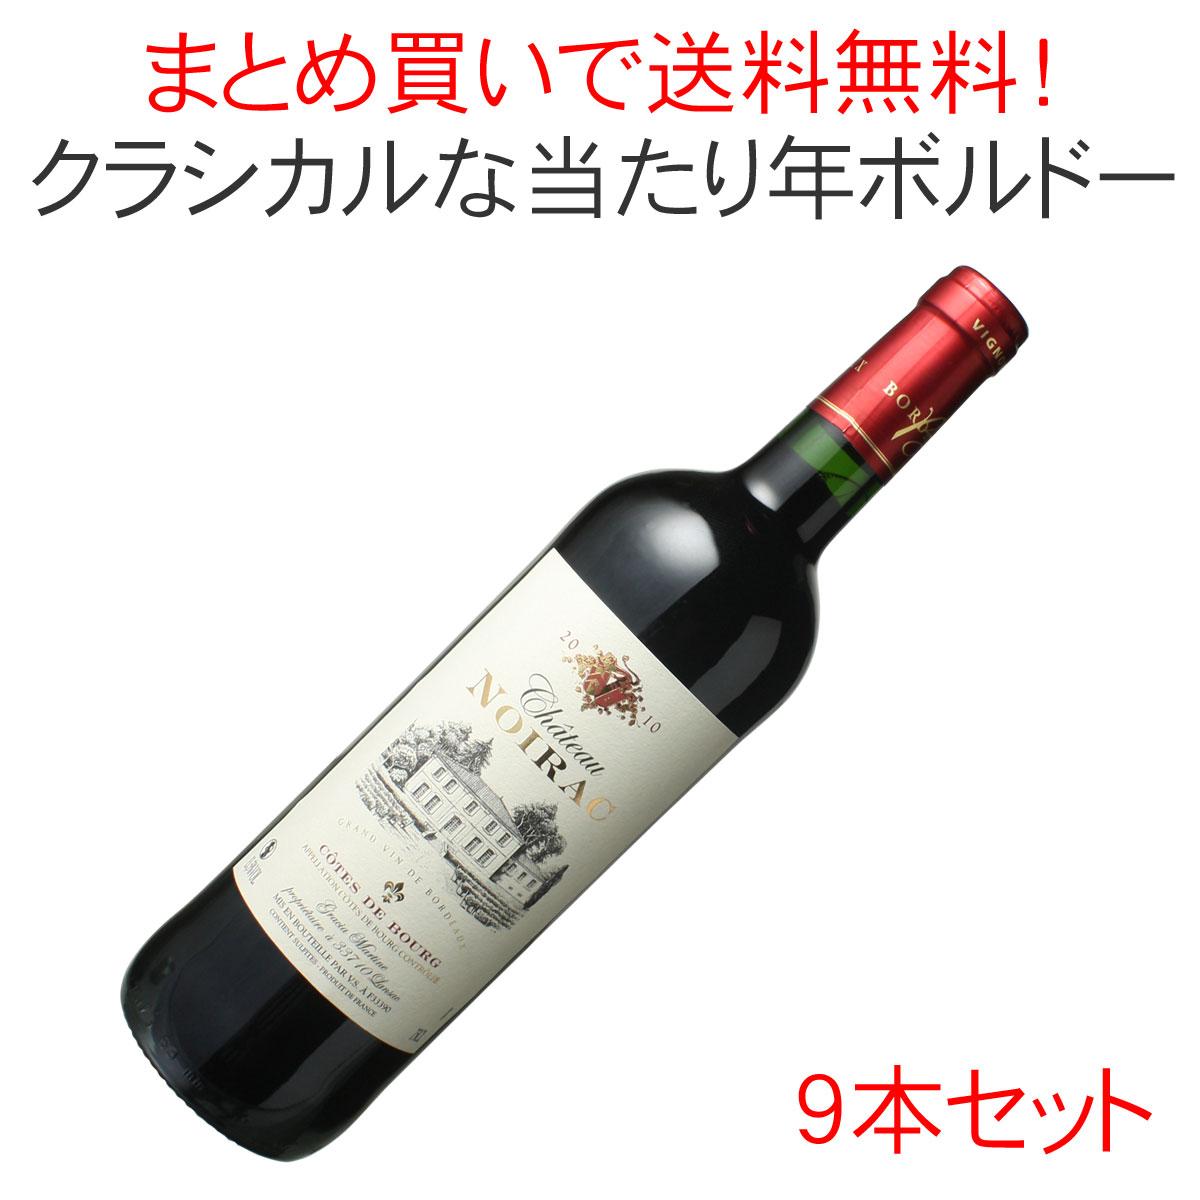 【送料無料】シャトー・ノアラック [2010] 1ケース9本セット <赤> <ワイン/ボルドー>